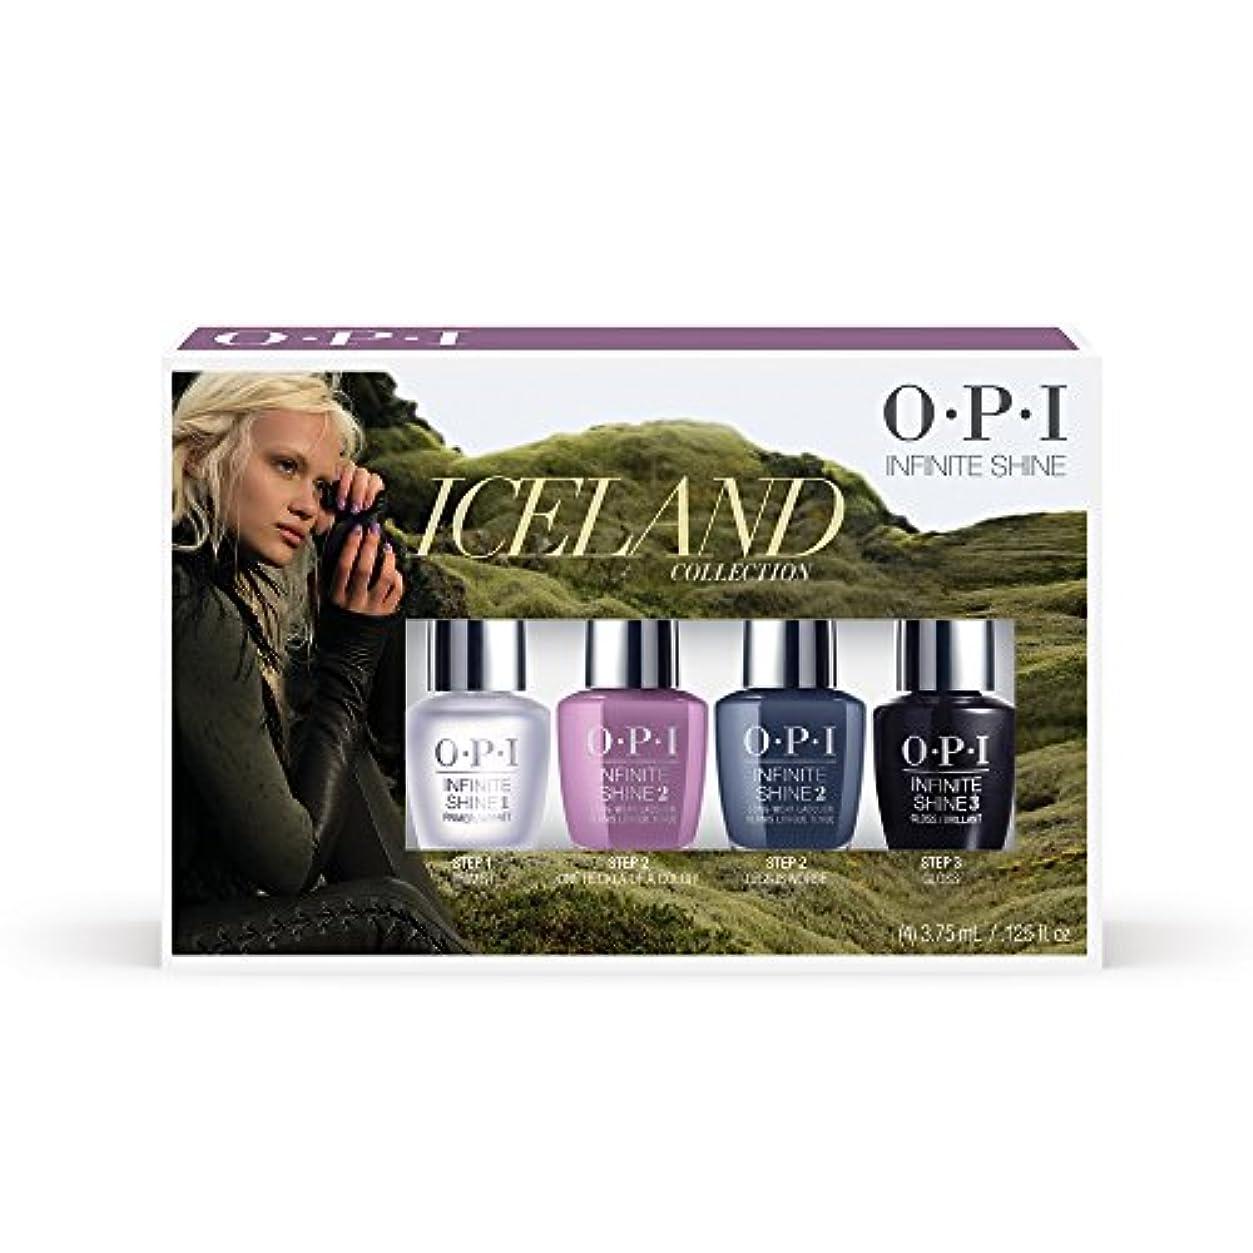 同意するエキスパートプライムOPI(オーピーアイ) アイスランド コレクション インフィニット シャイン ミニパック